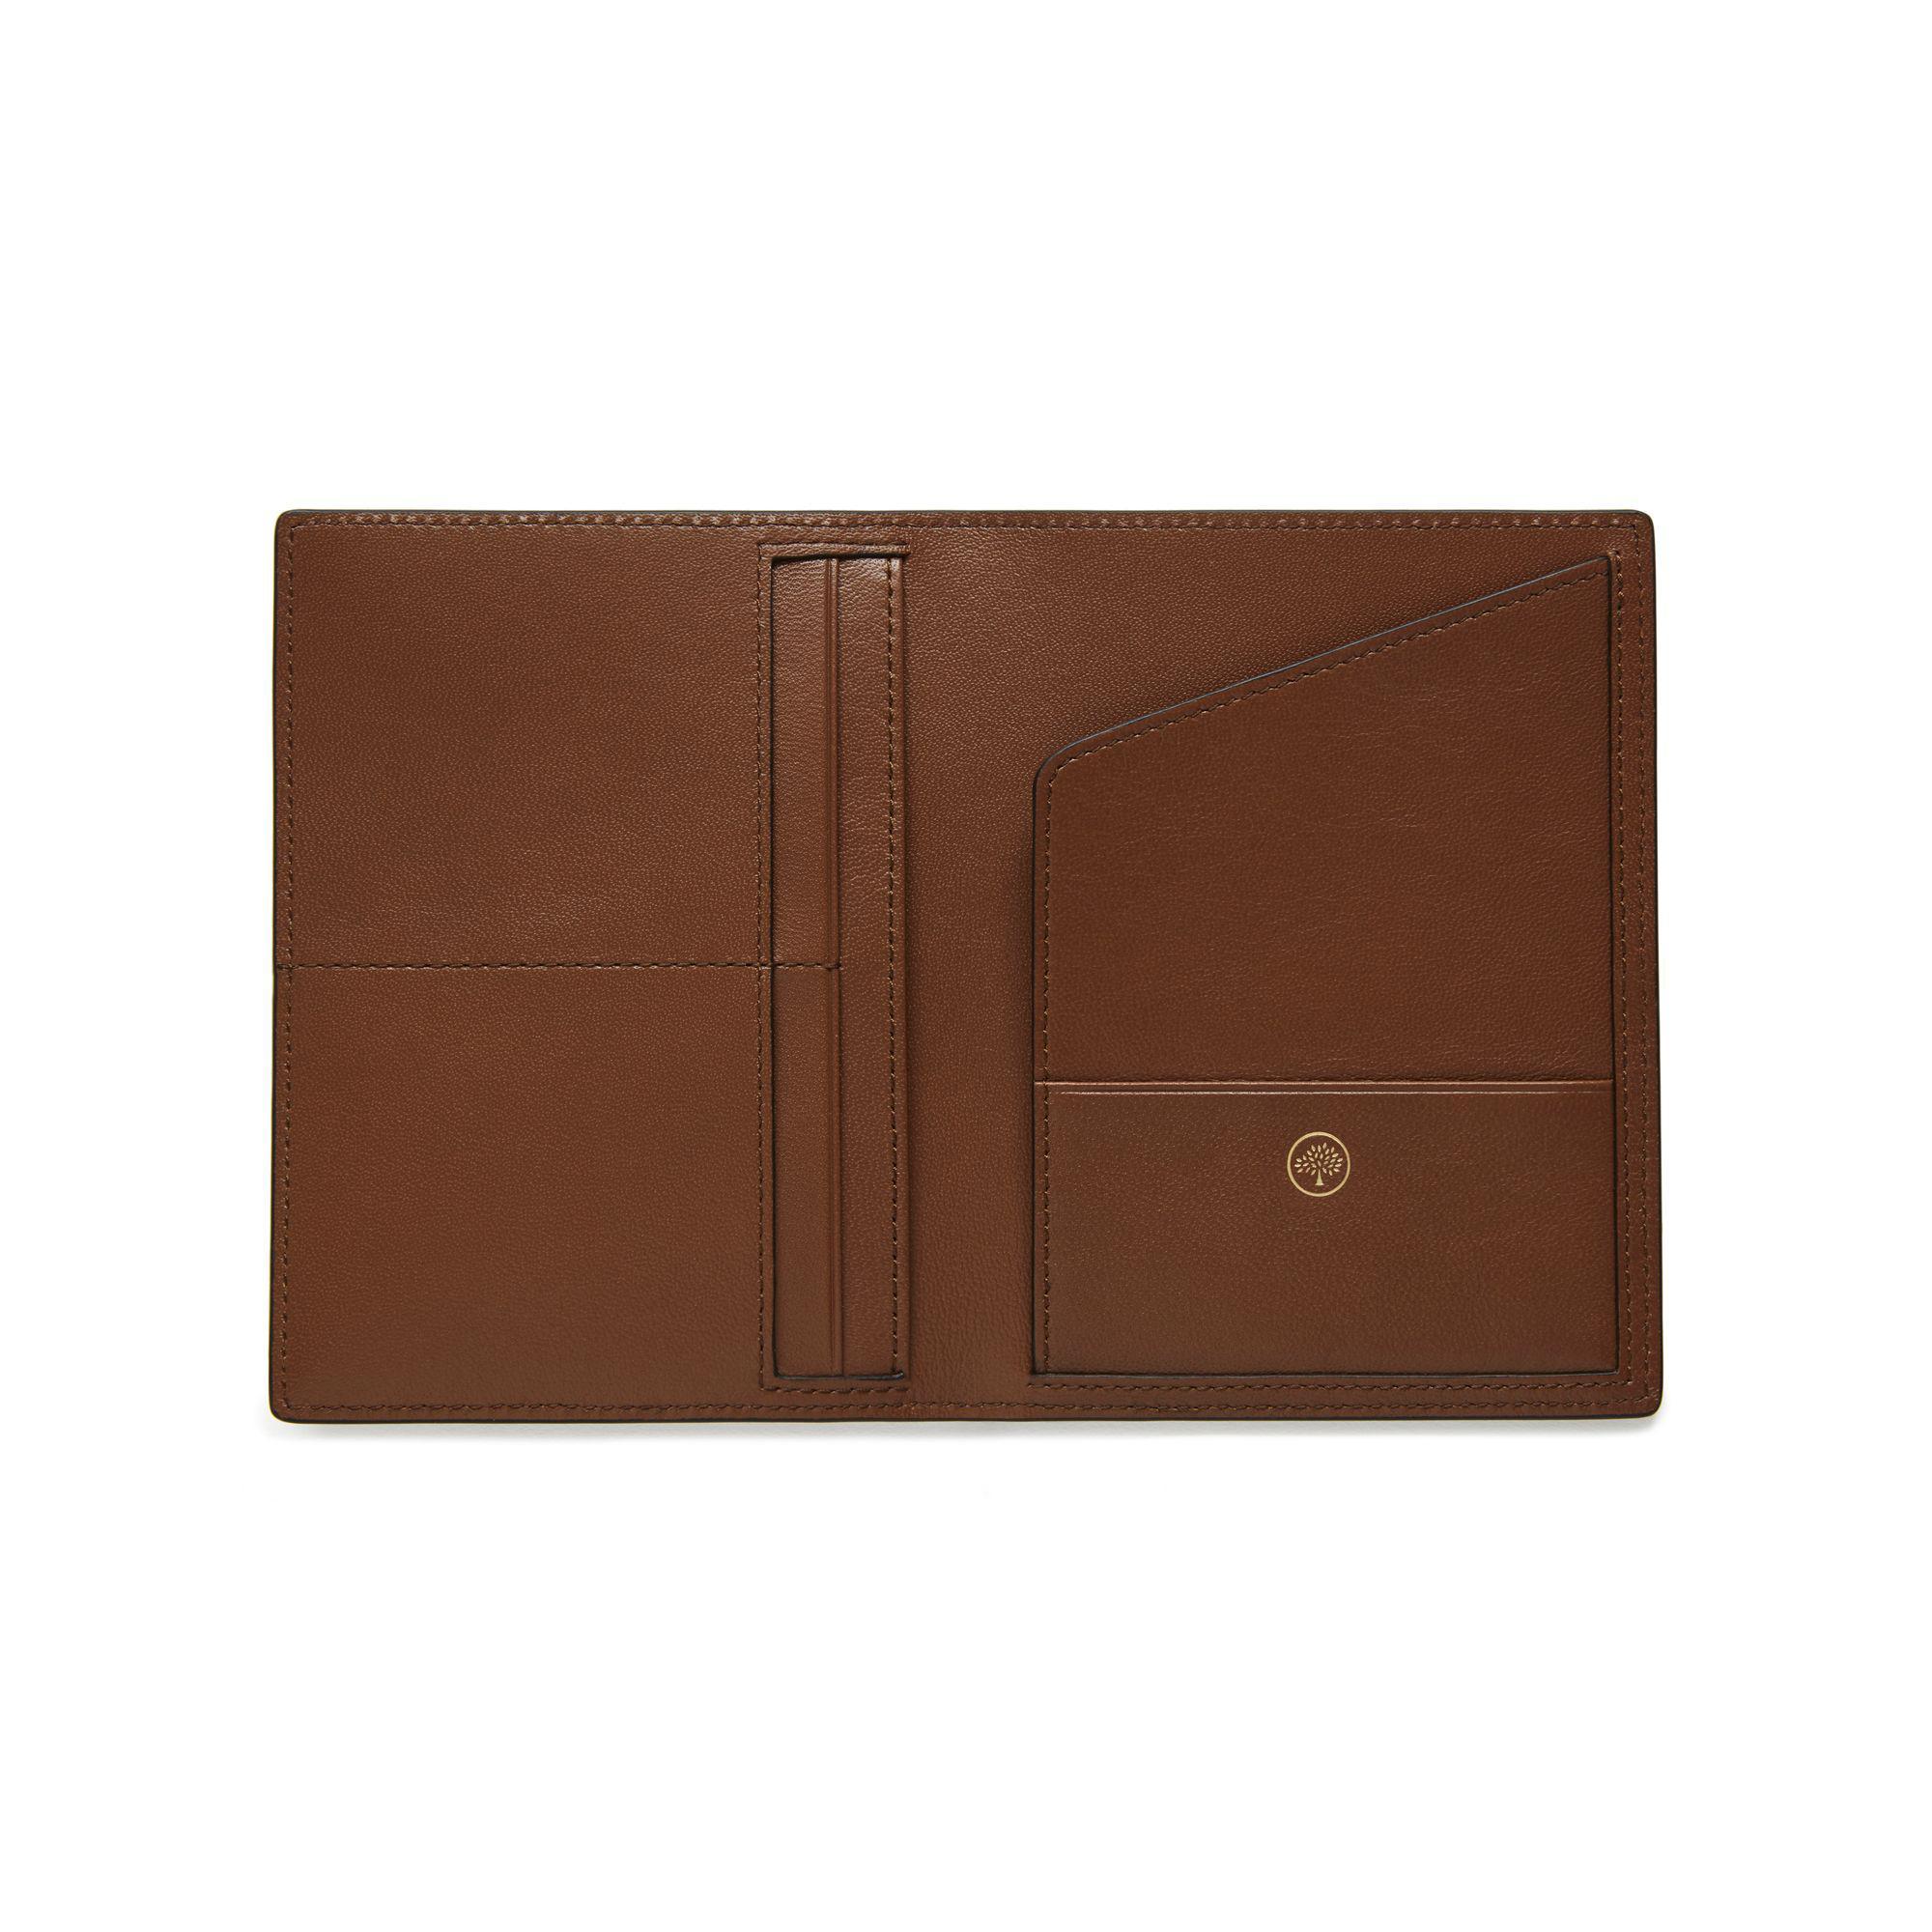 14d7e9b1c716 Mulberry - Brown Passport Cover Wallet for Men - Lyst. View fullscreen